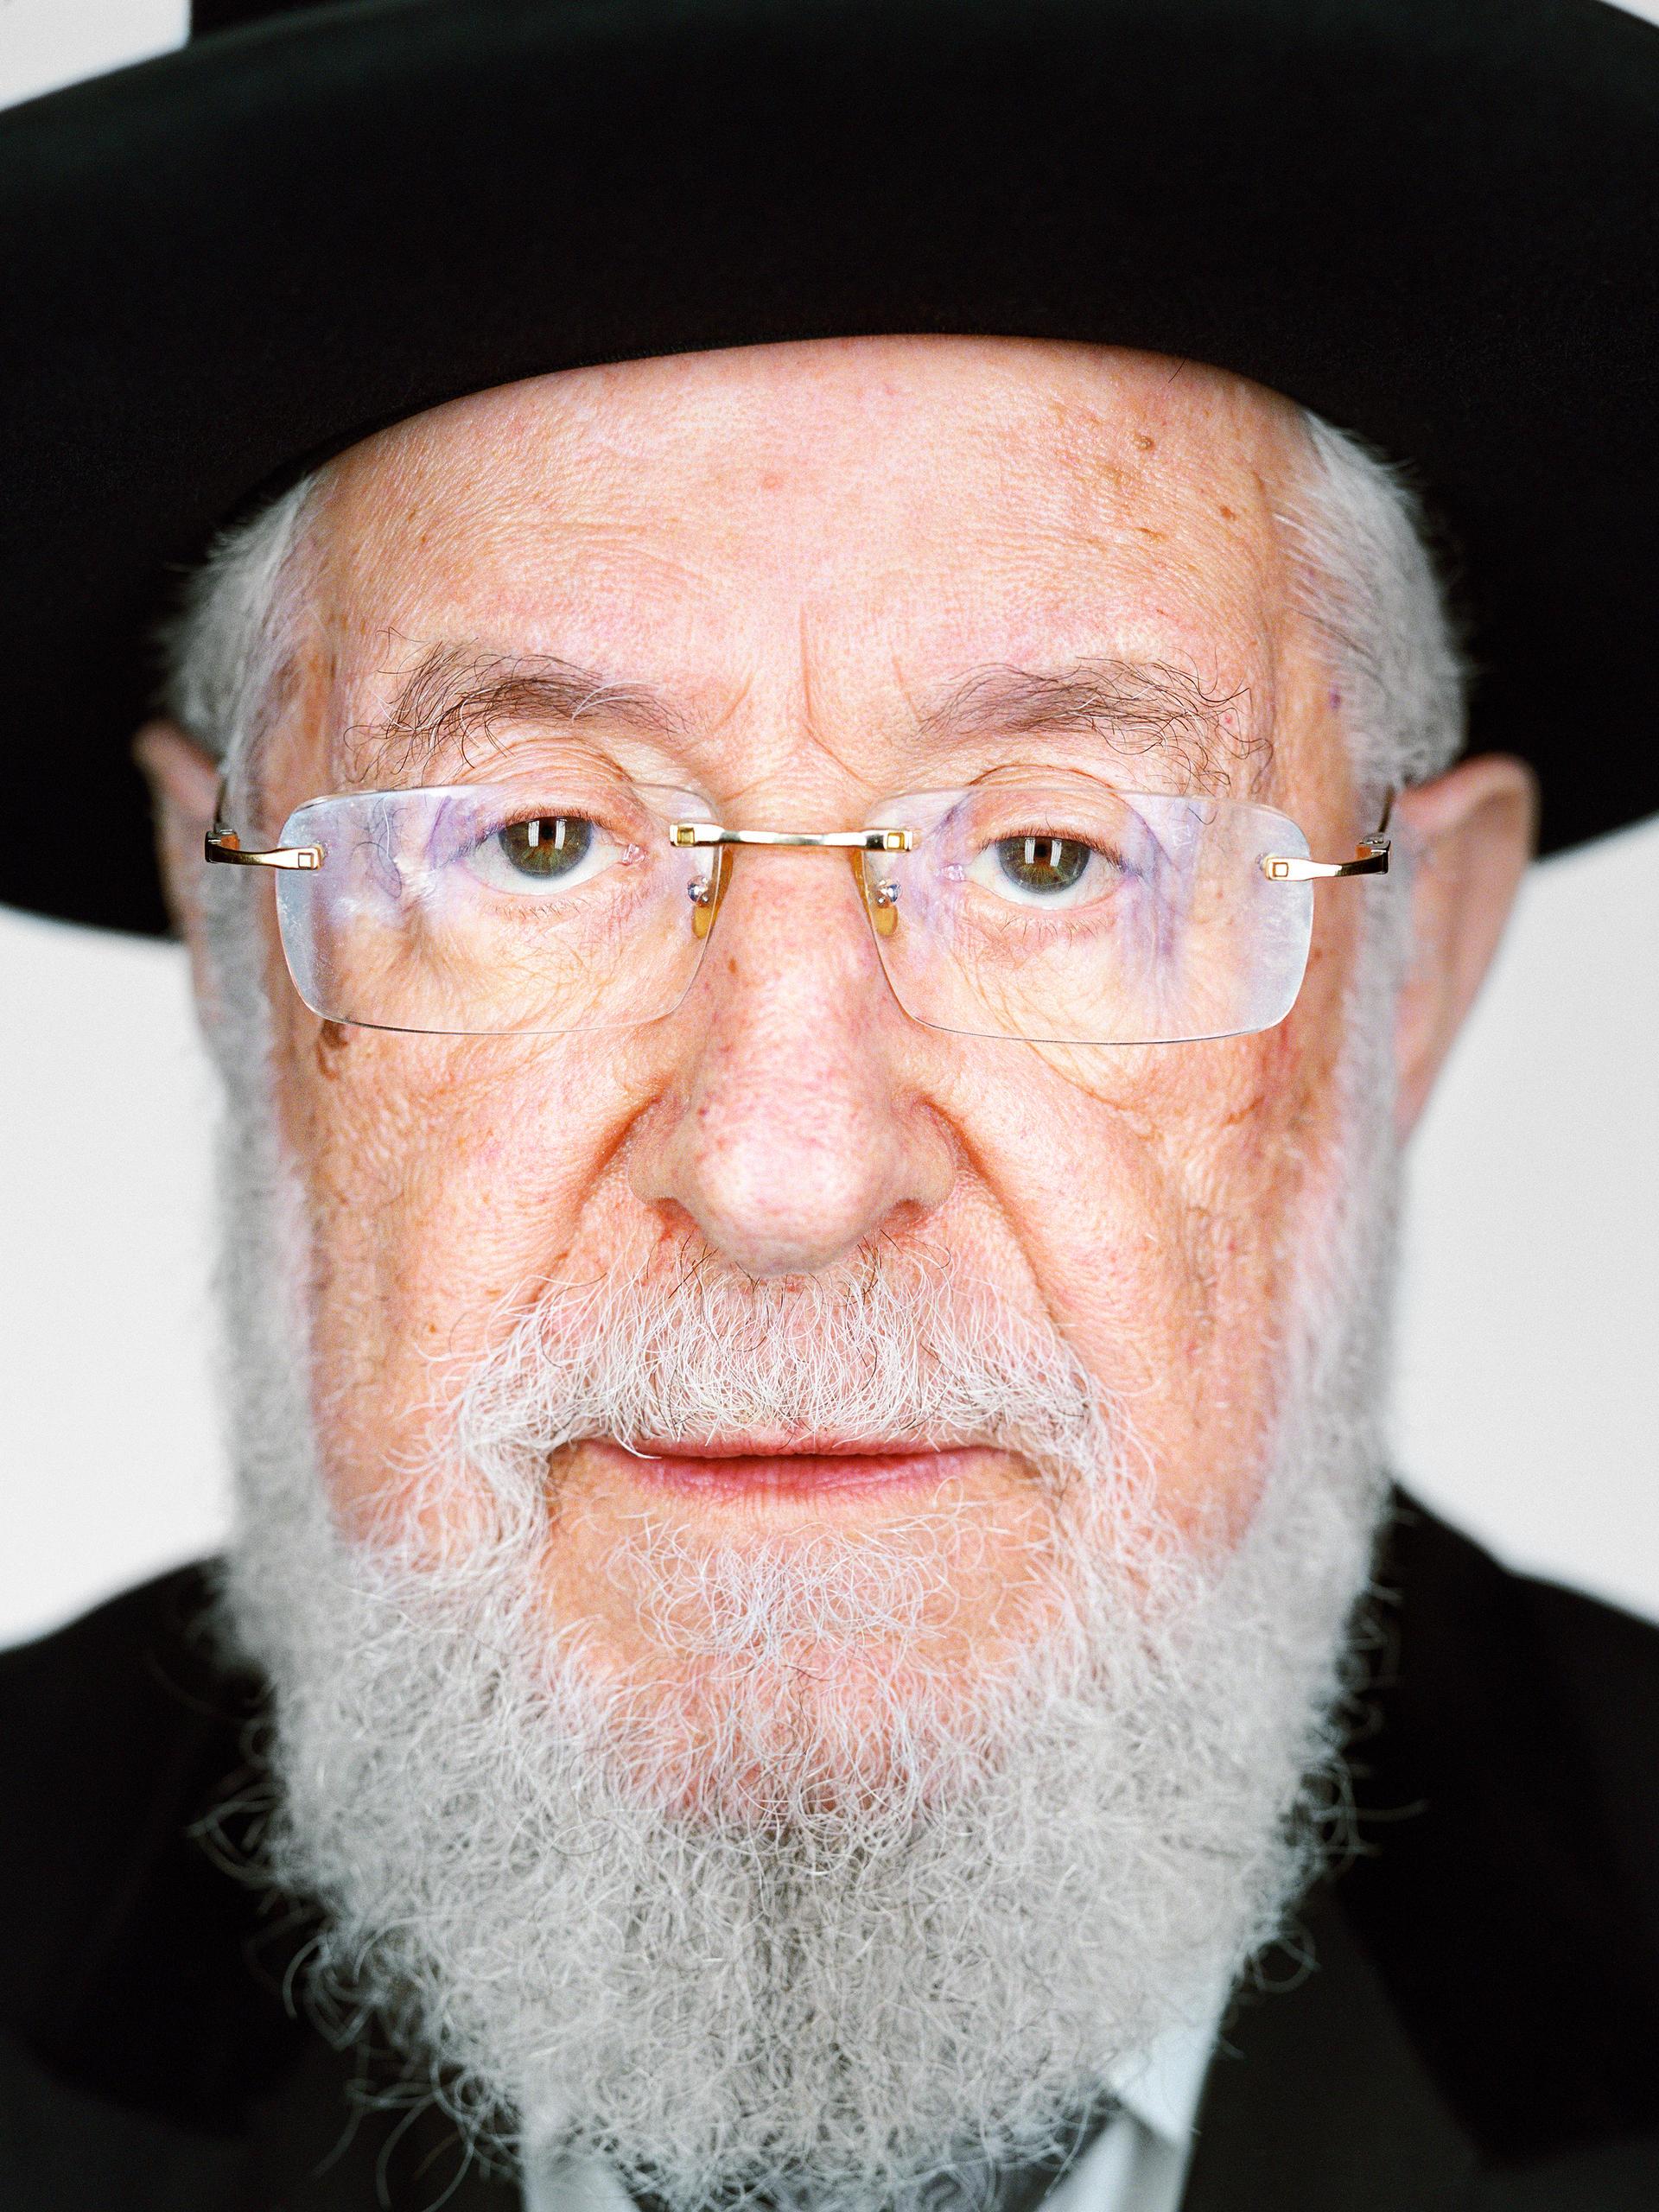 Rabbi_Isreal_Meir-Lau_Holocause_061019_1